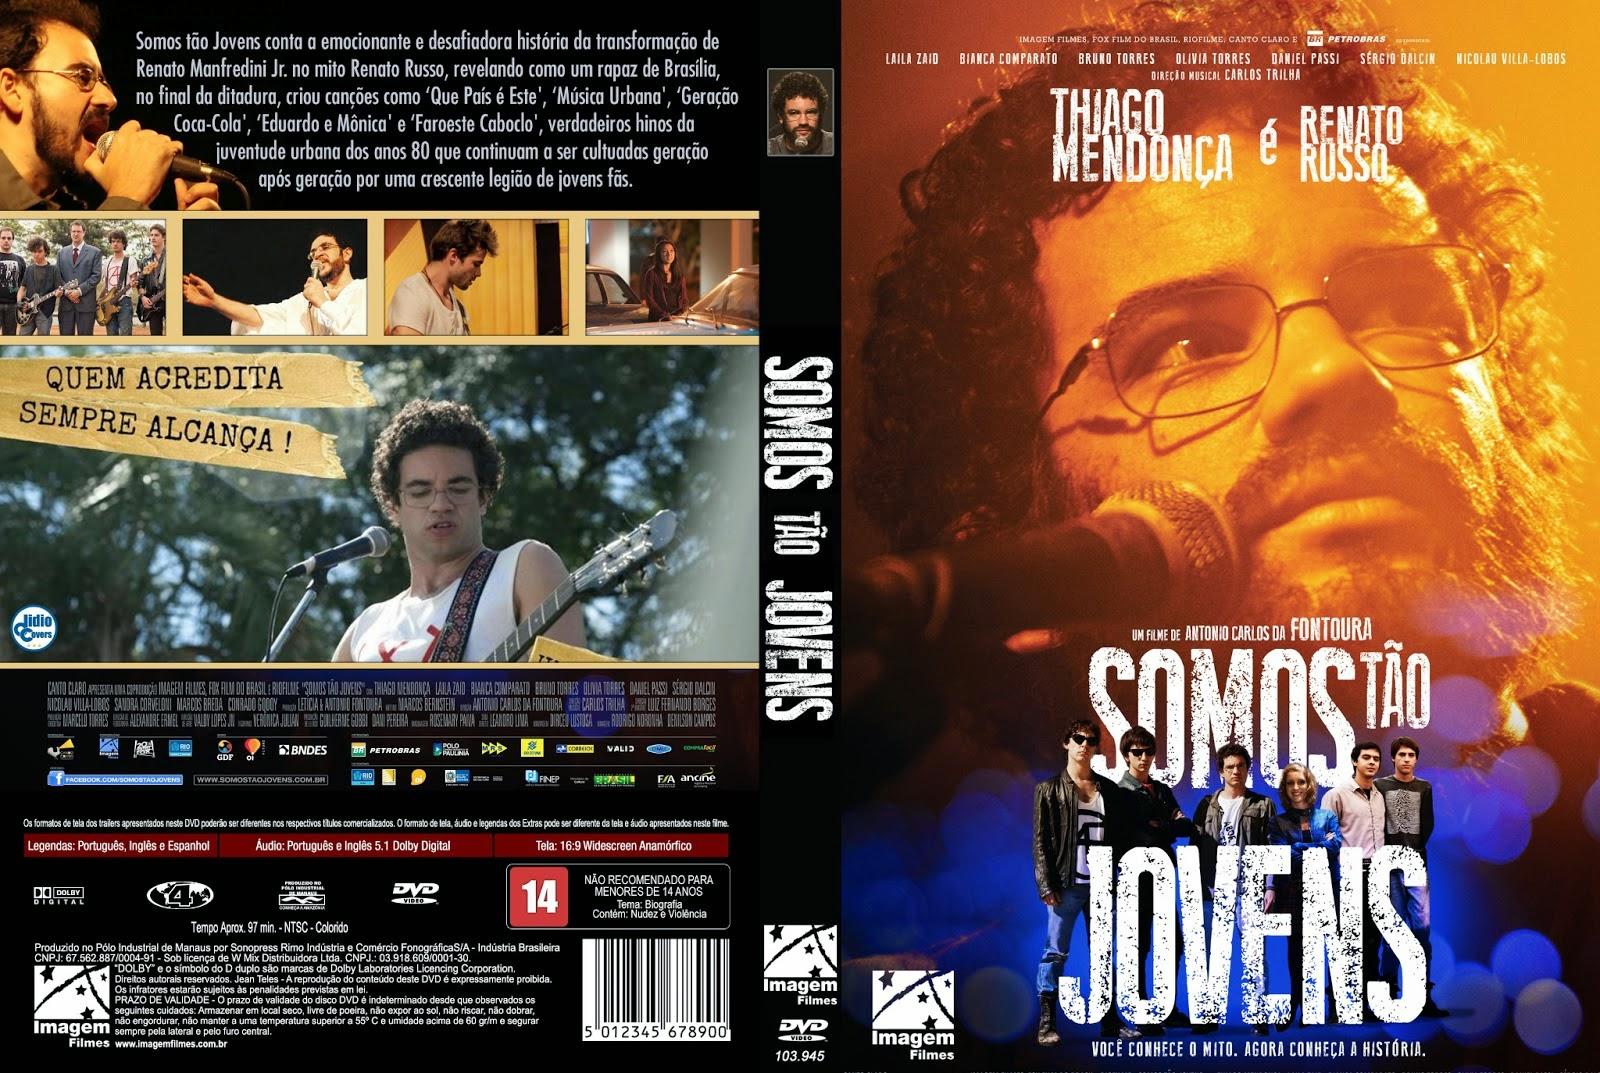 Filme Somos Tão Jovens DVD Capa